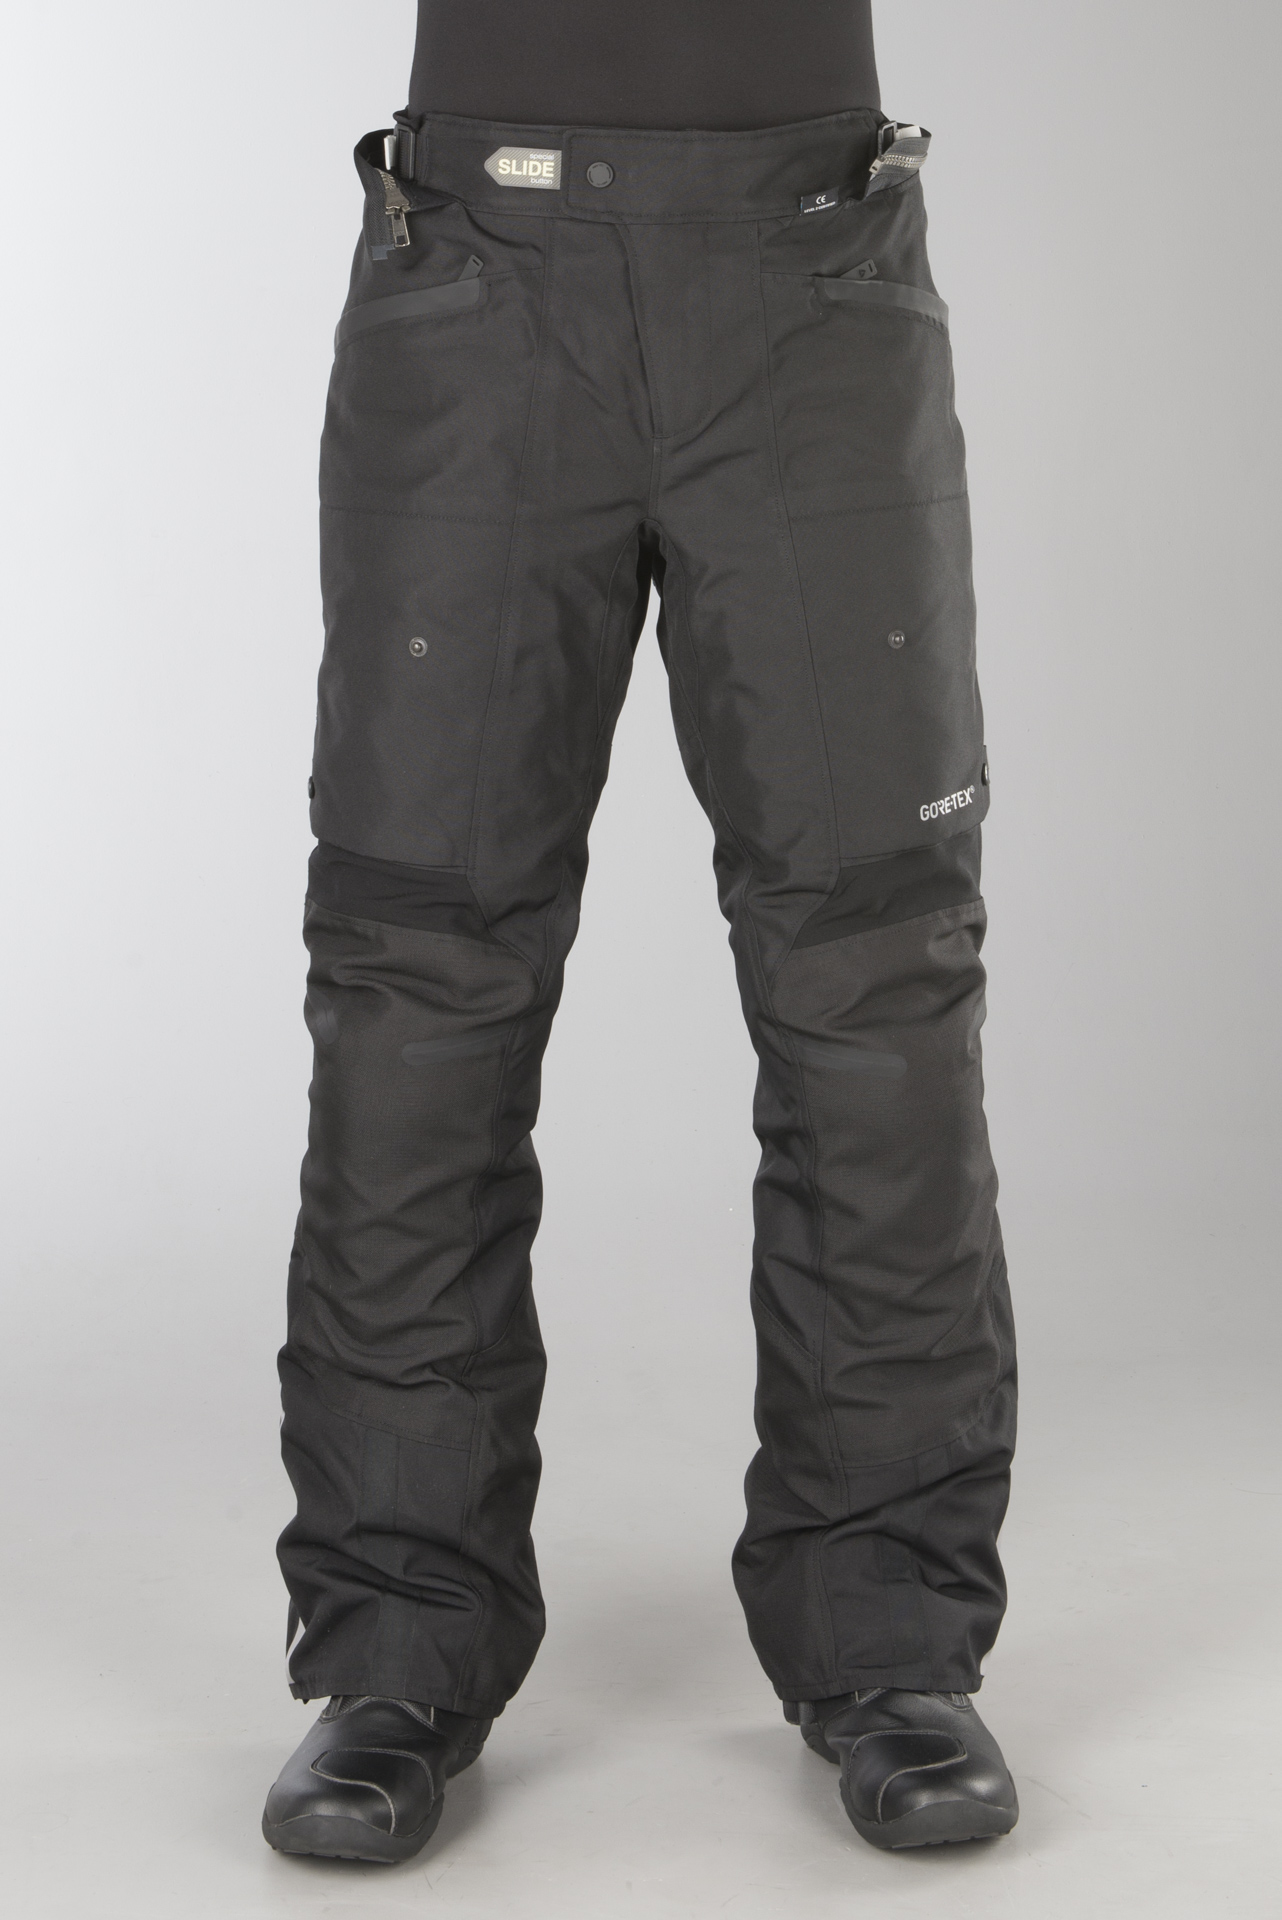 IXS Neptun Rain Pants Black, Medium